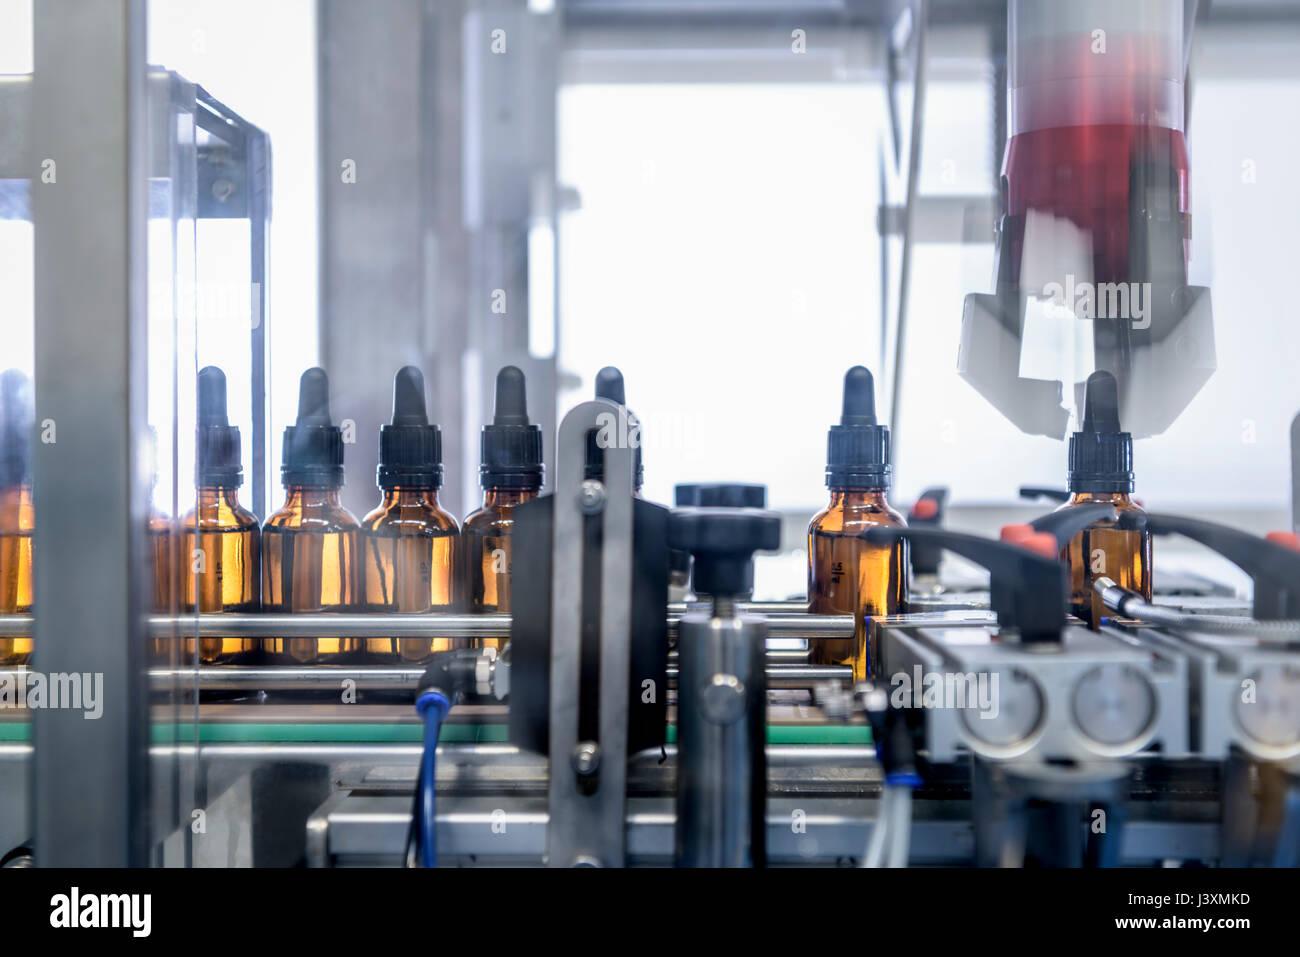 Les bouteilles en fabrique de produits pharmaceutiques Photo Stock